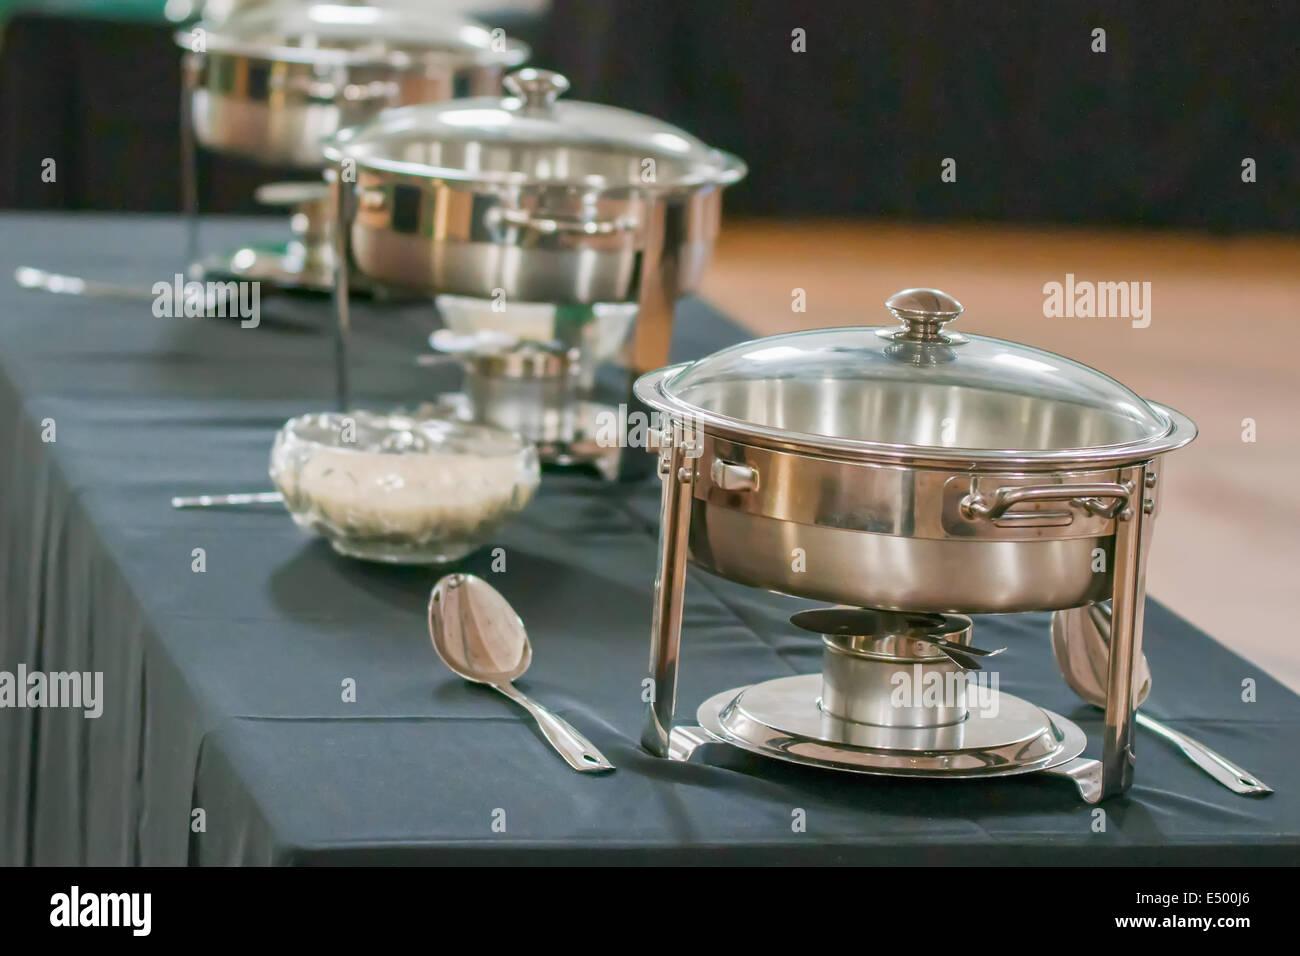 table de banquet avec chauffe plat r chaud banque d 39 images. Black Bedroom Furniture Sets. Home Design Ideas